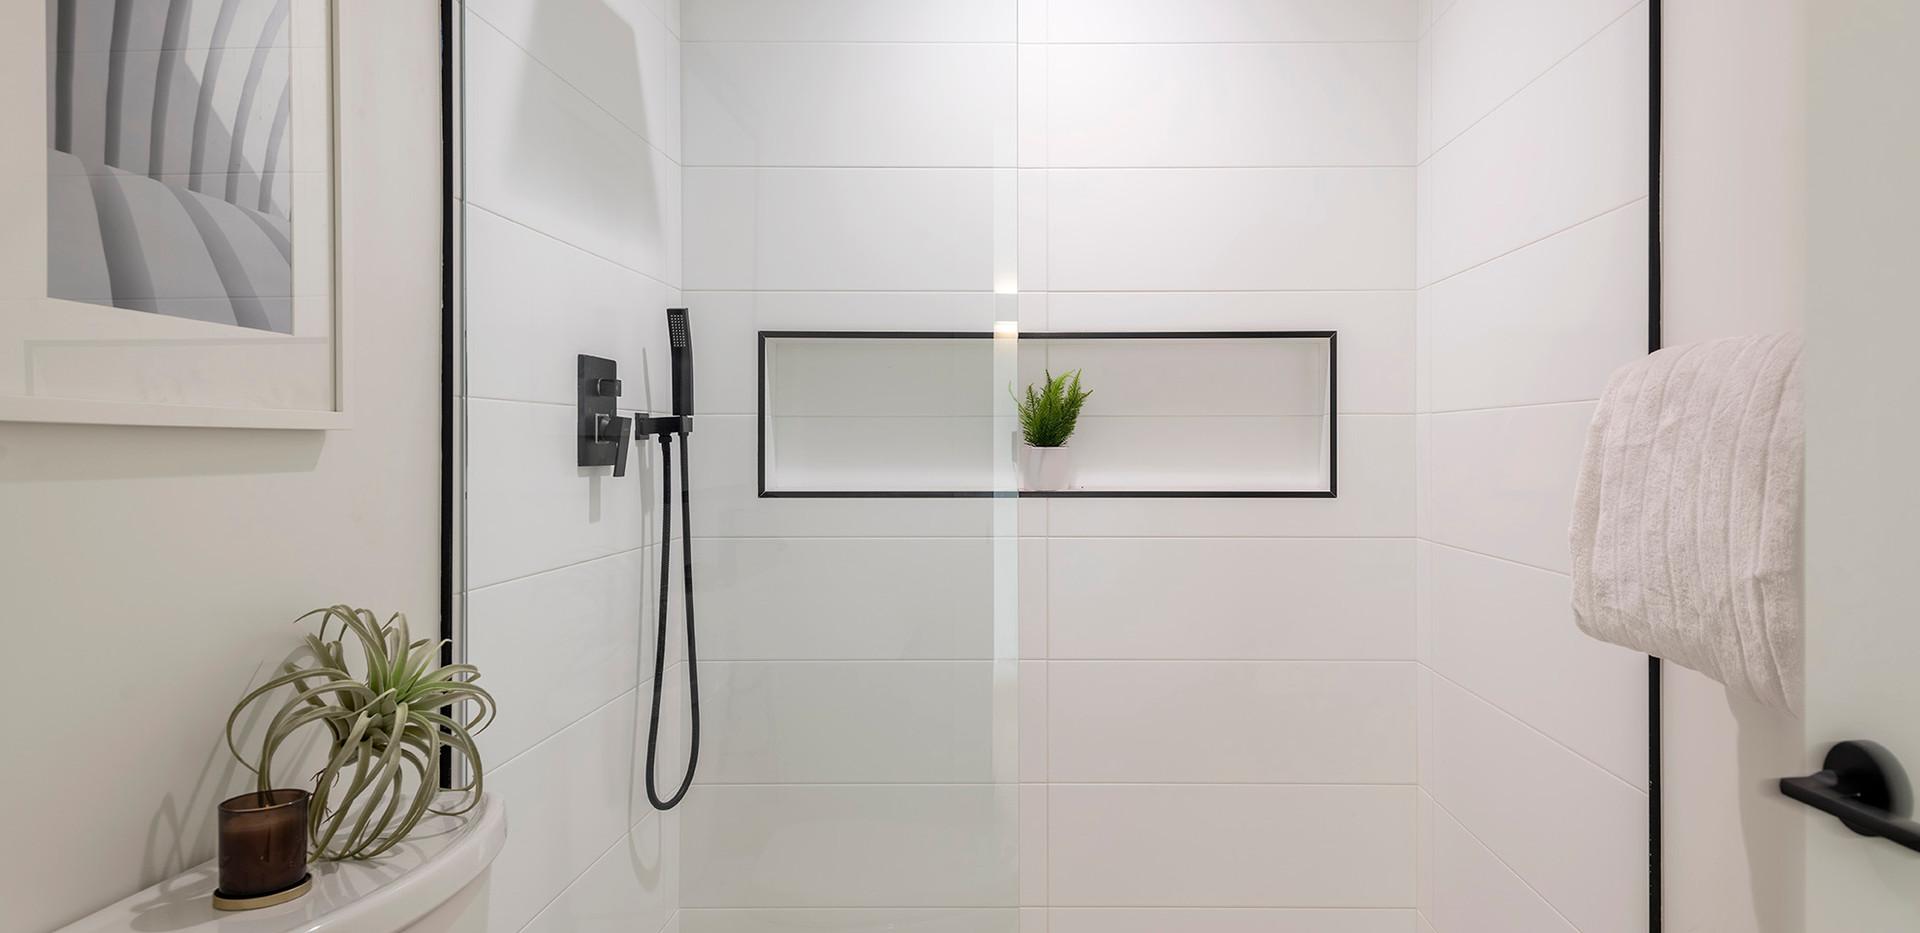 59_downstairs_bath.jpg